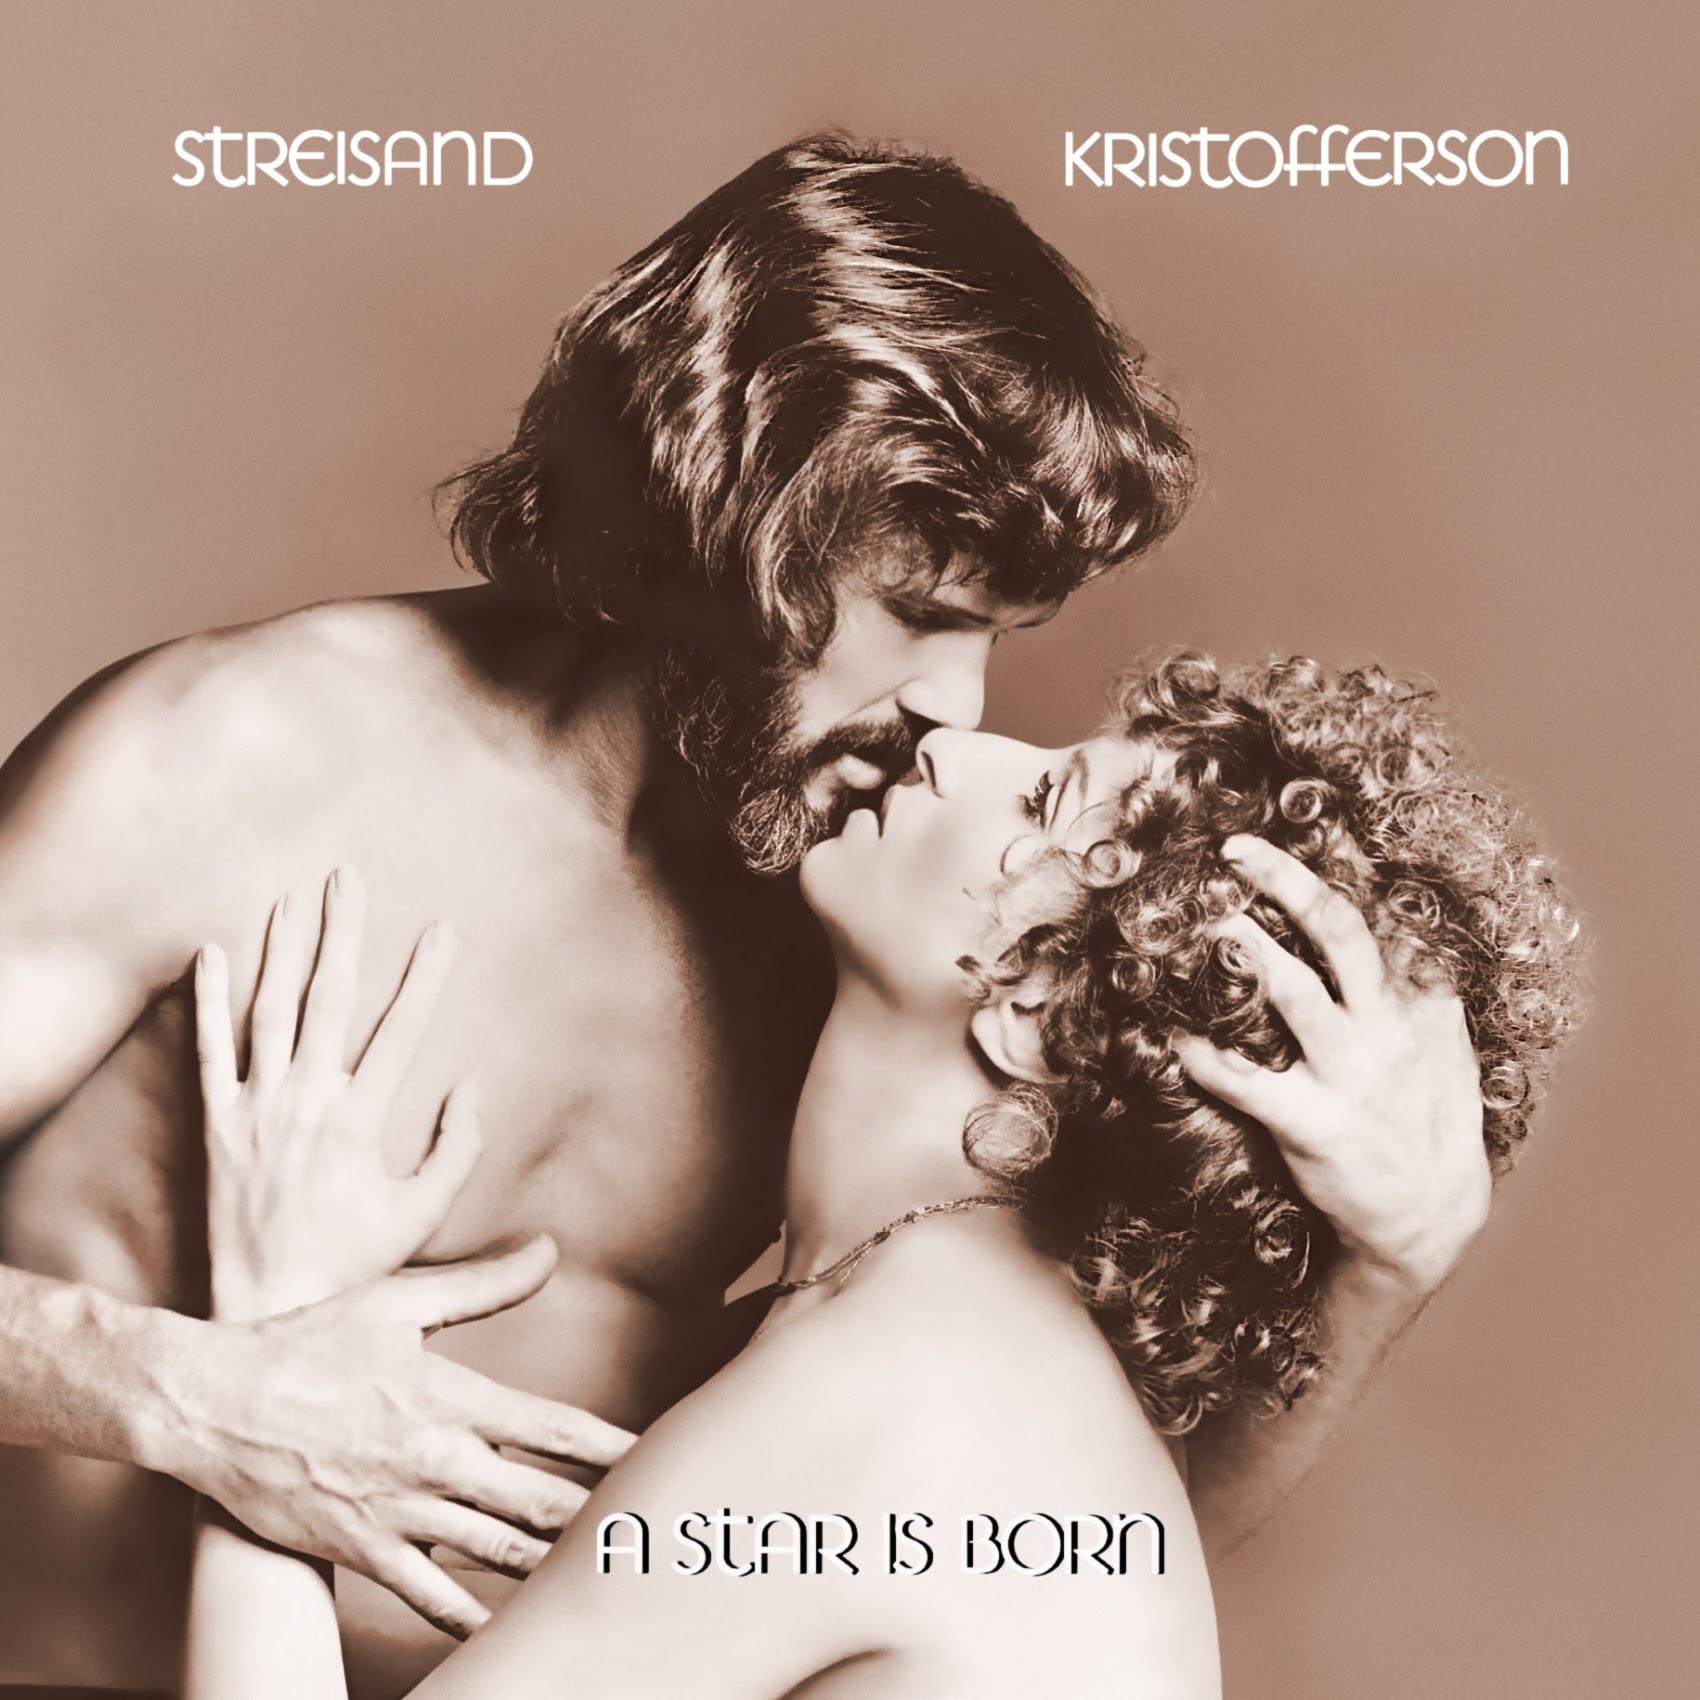 Album Artist: Barbra Streisand and Kris Kristofferson / Album Title: A Star Is Born